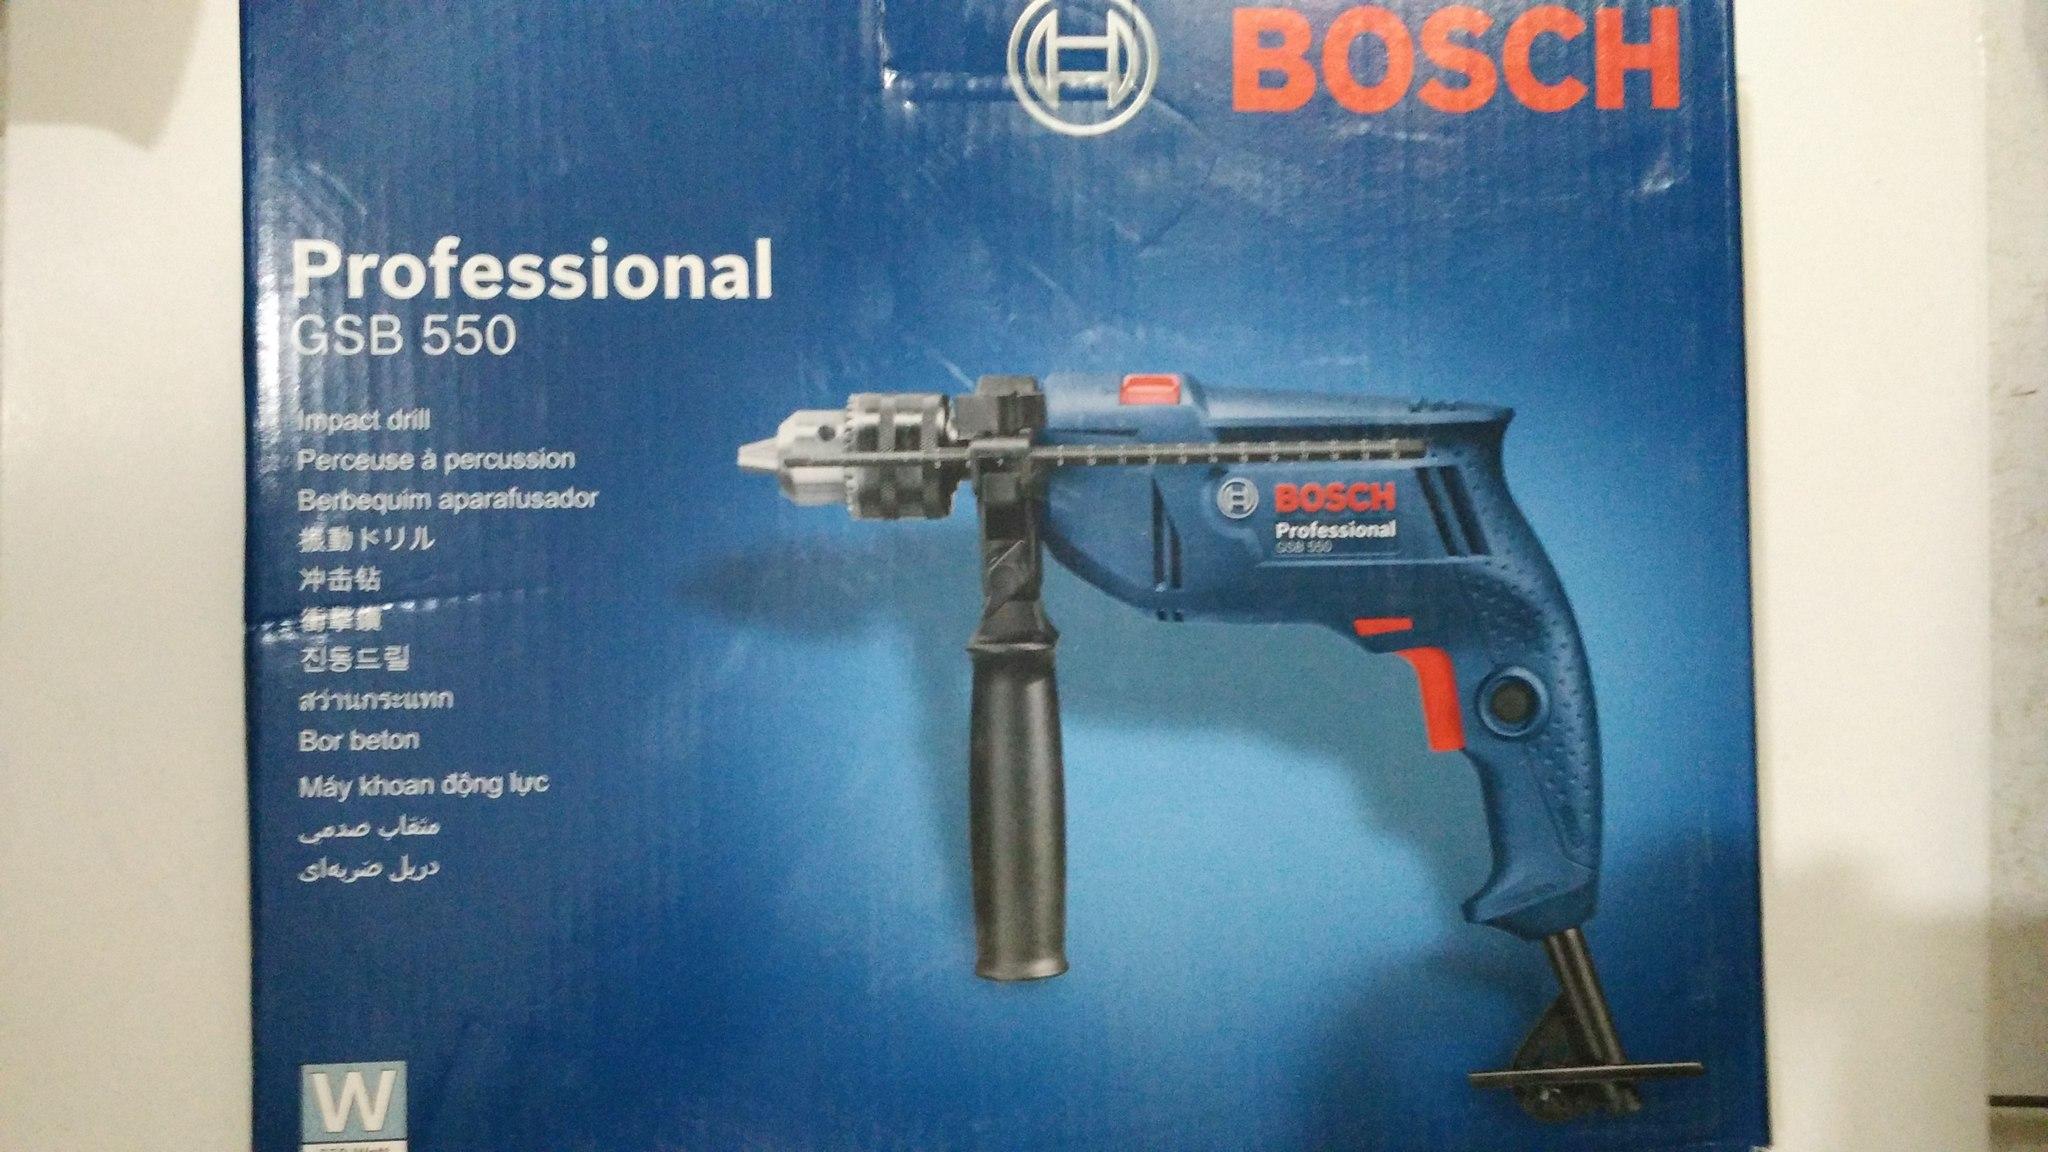 Bosch Mesin Bor Tembok Gsb 550 Biru Daftar Update Harga Terbaru Professional X Line 33 Pcs Freedom Kit Box Source Jual